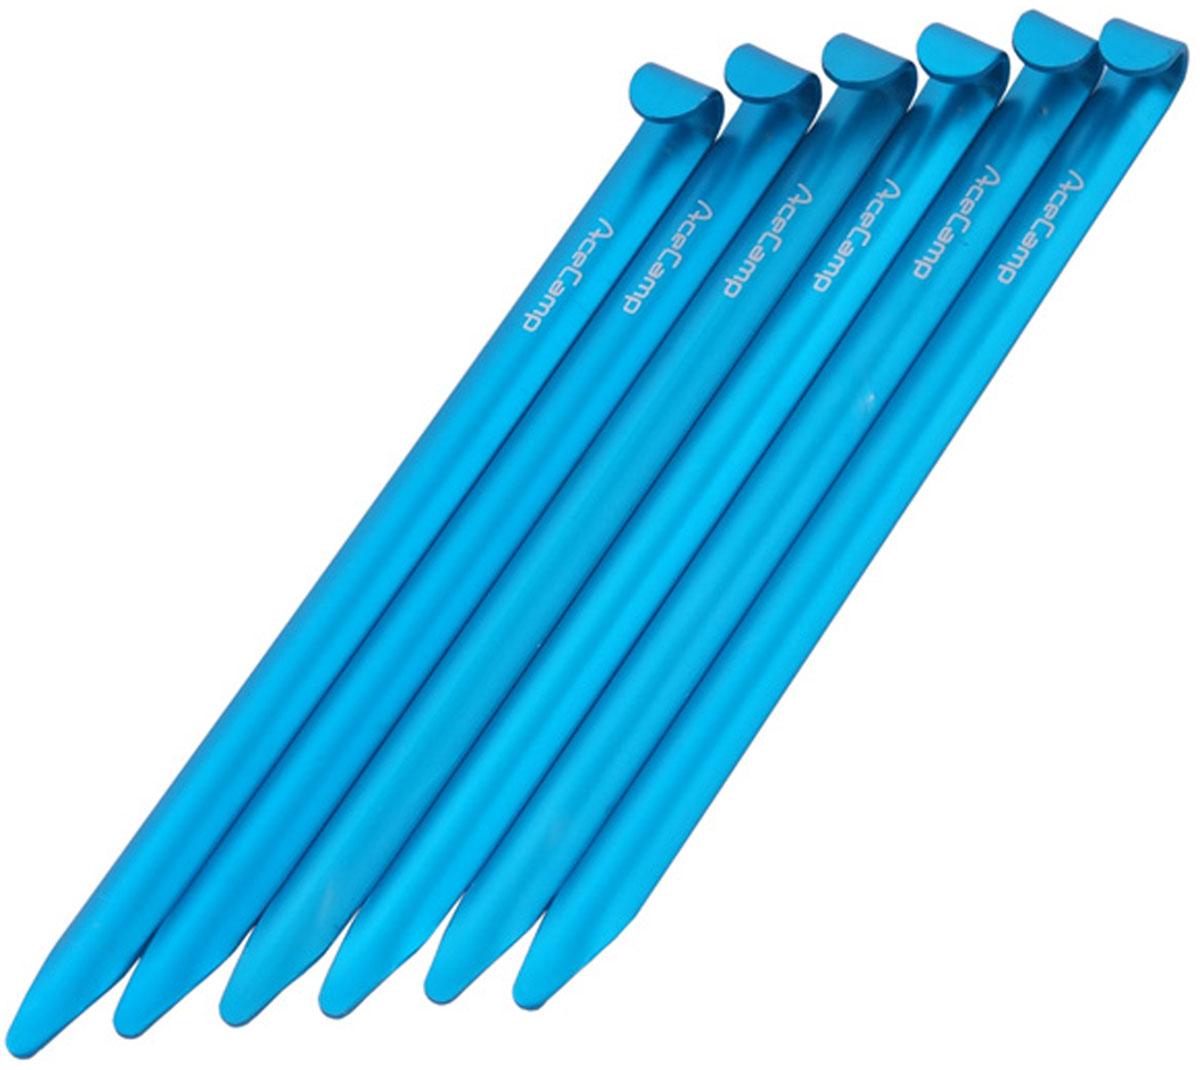 Набор колышков AceCamp, цвет: голубой, 6 шт